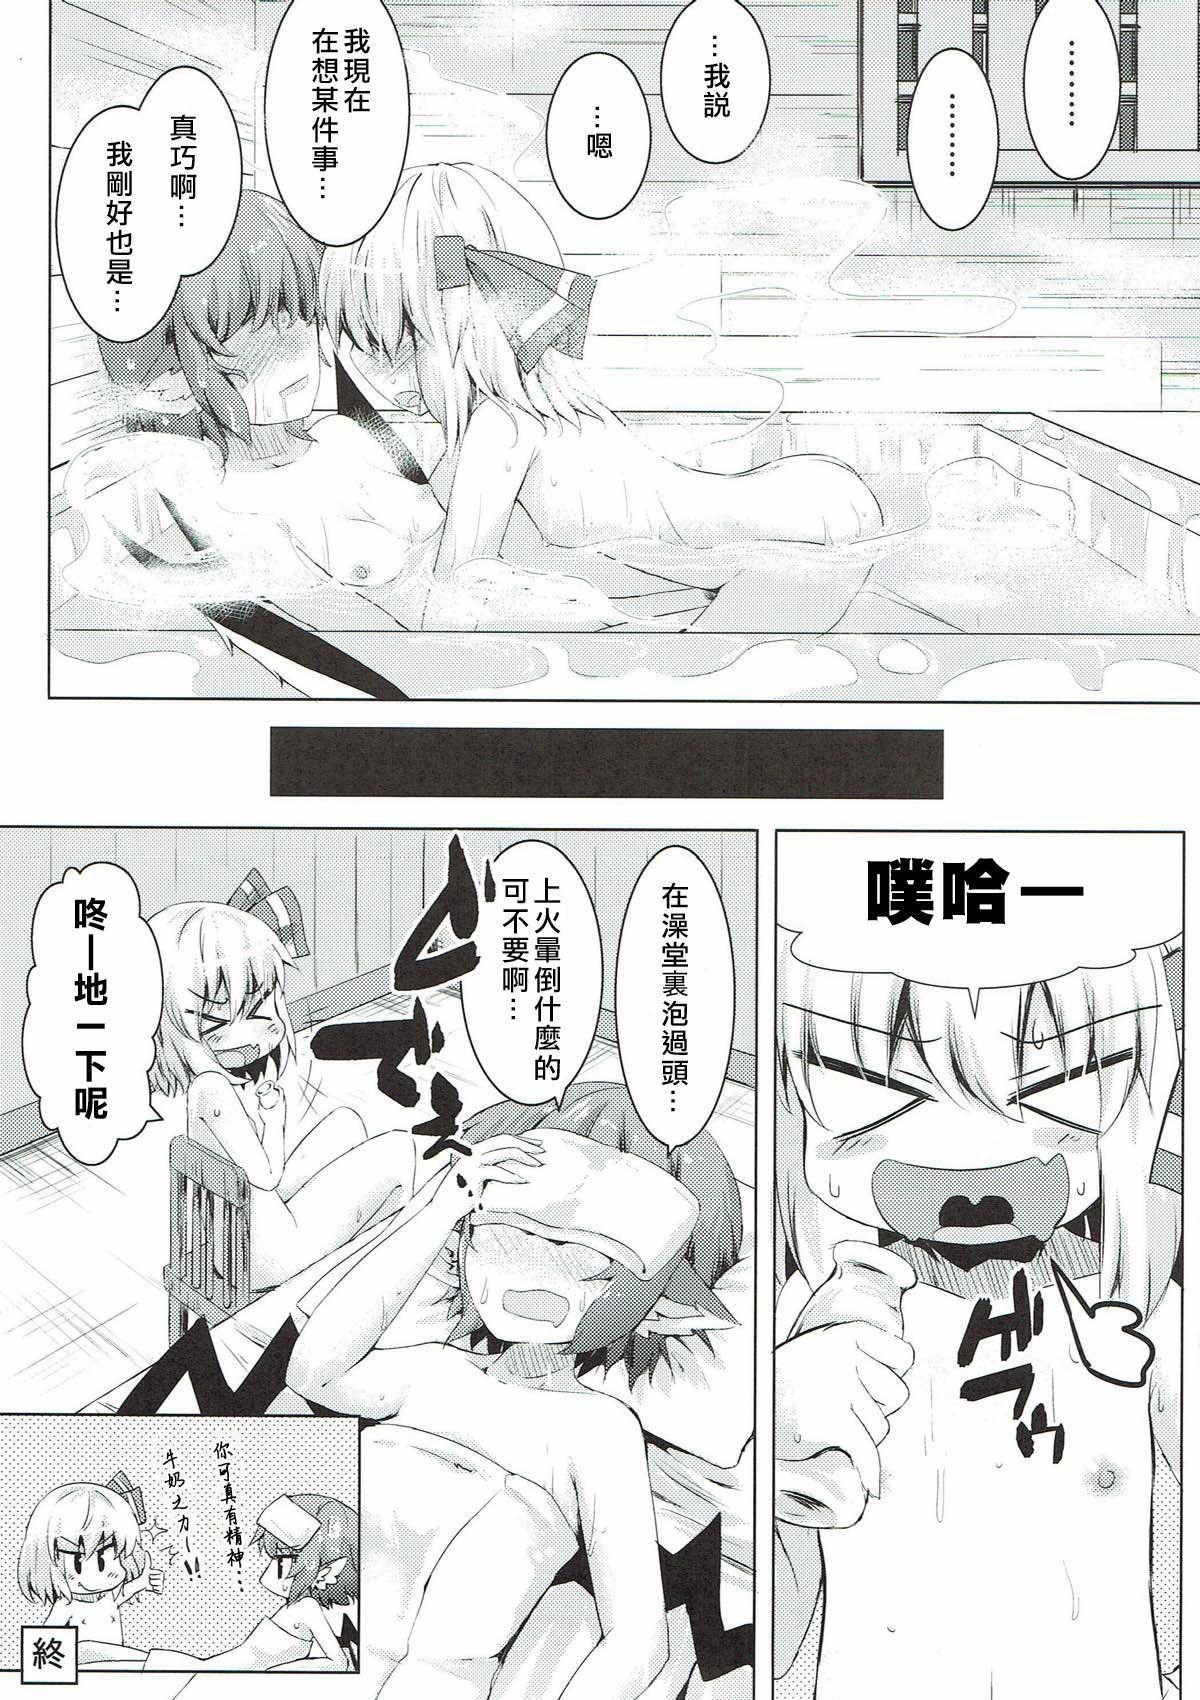 Yachou no Gyouzui 23